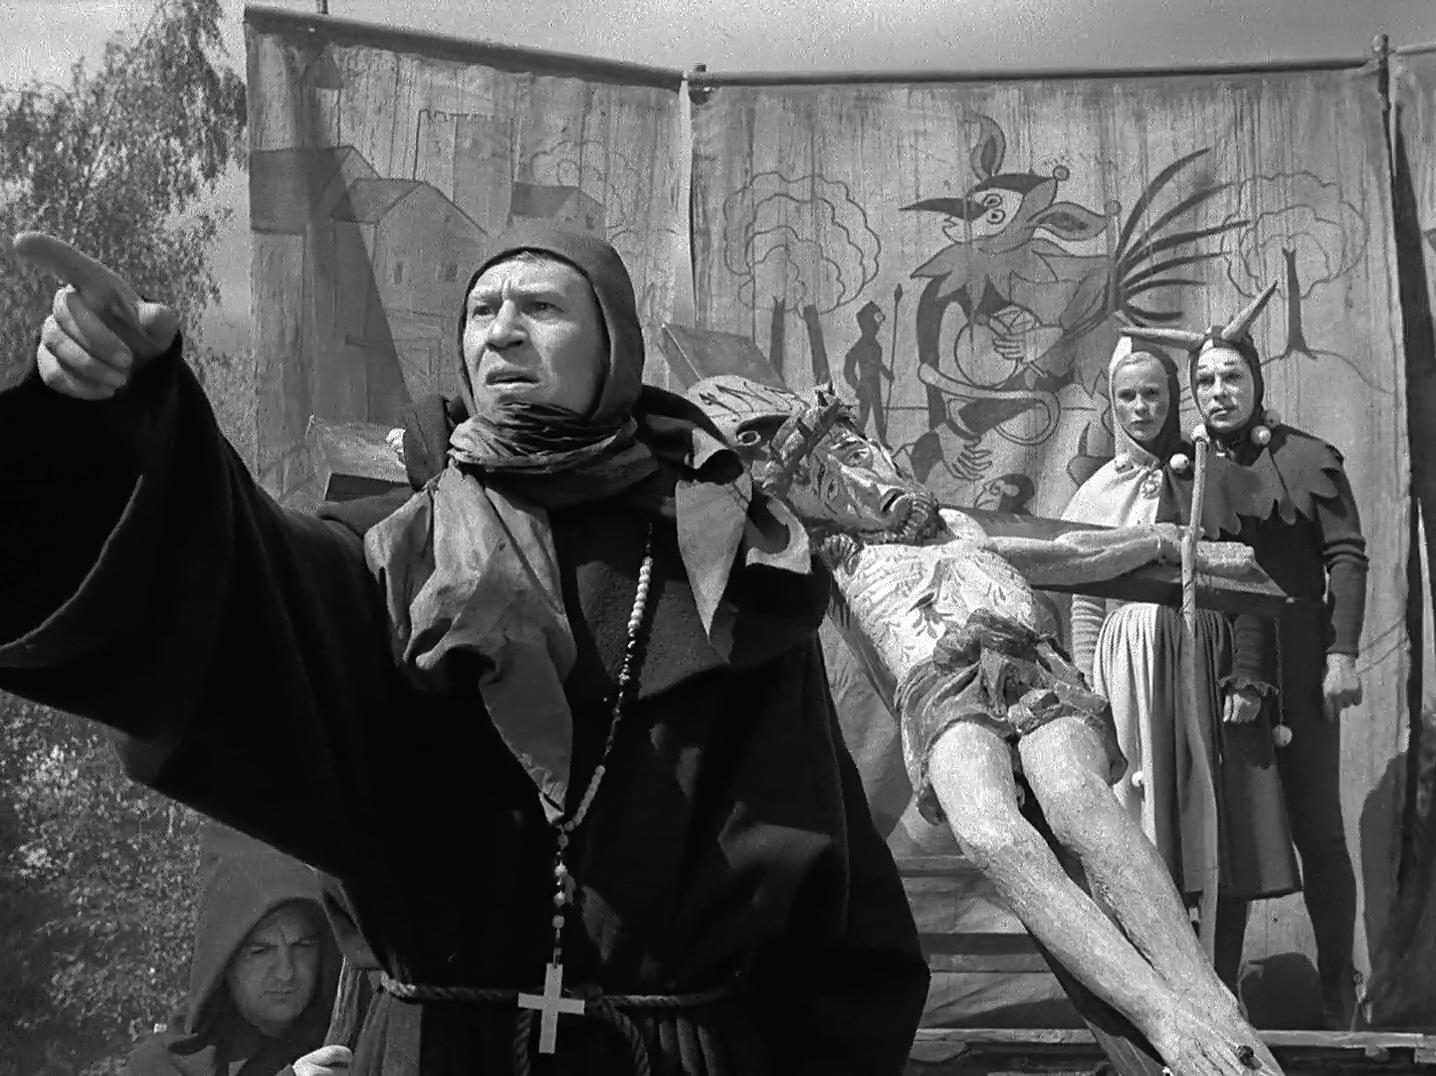 Bibi Andersson, Anders Ek, and Nils Poppe in Det sjunde inseglet (1957)